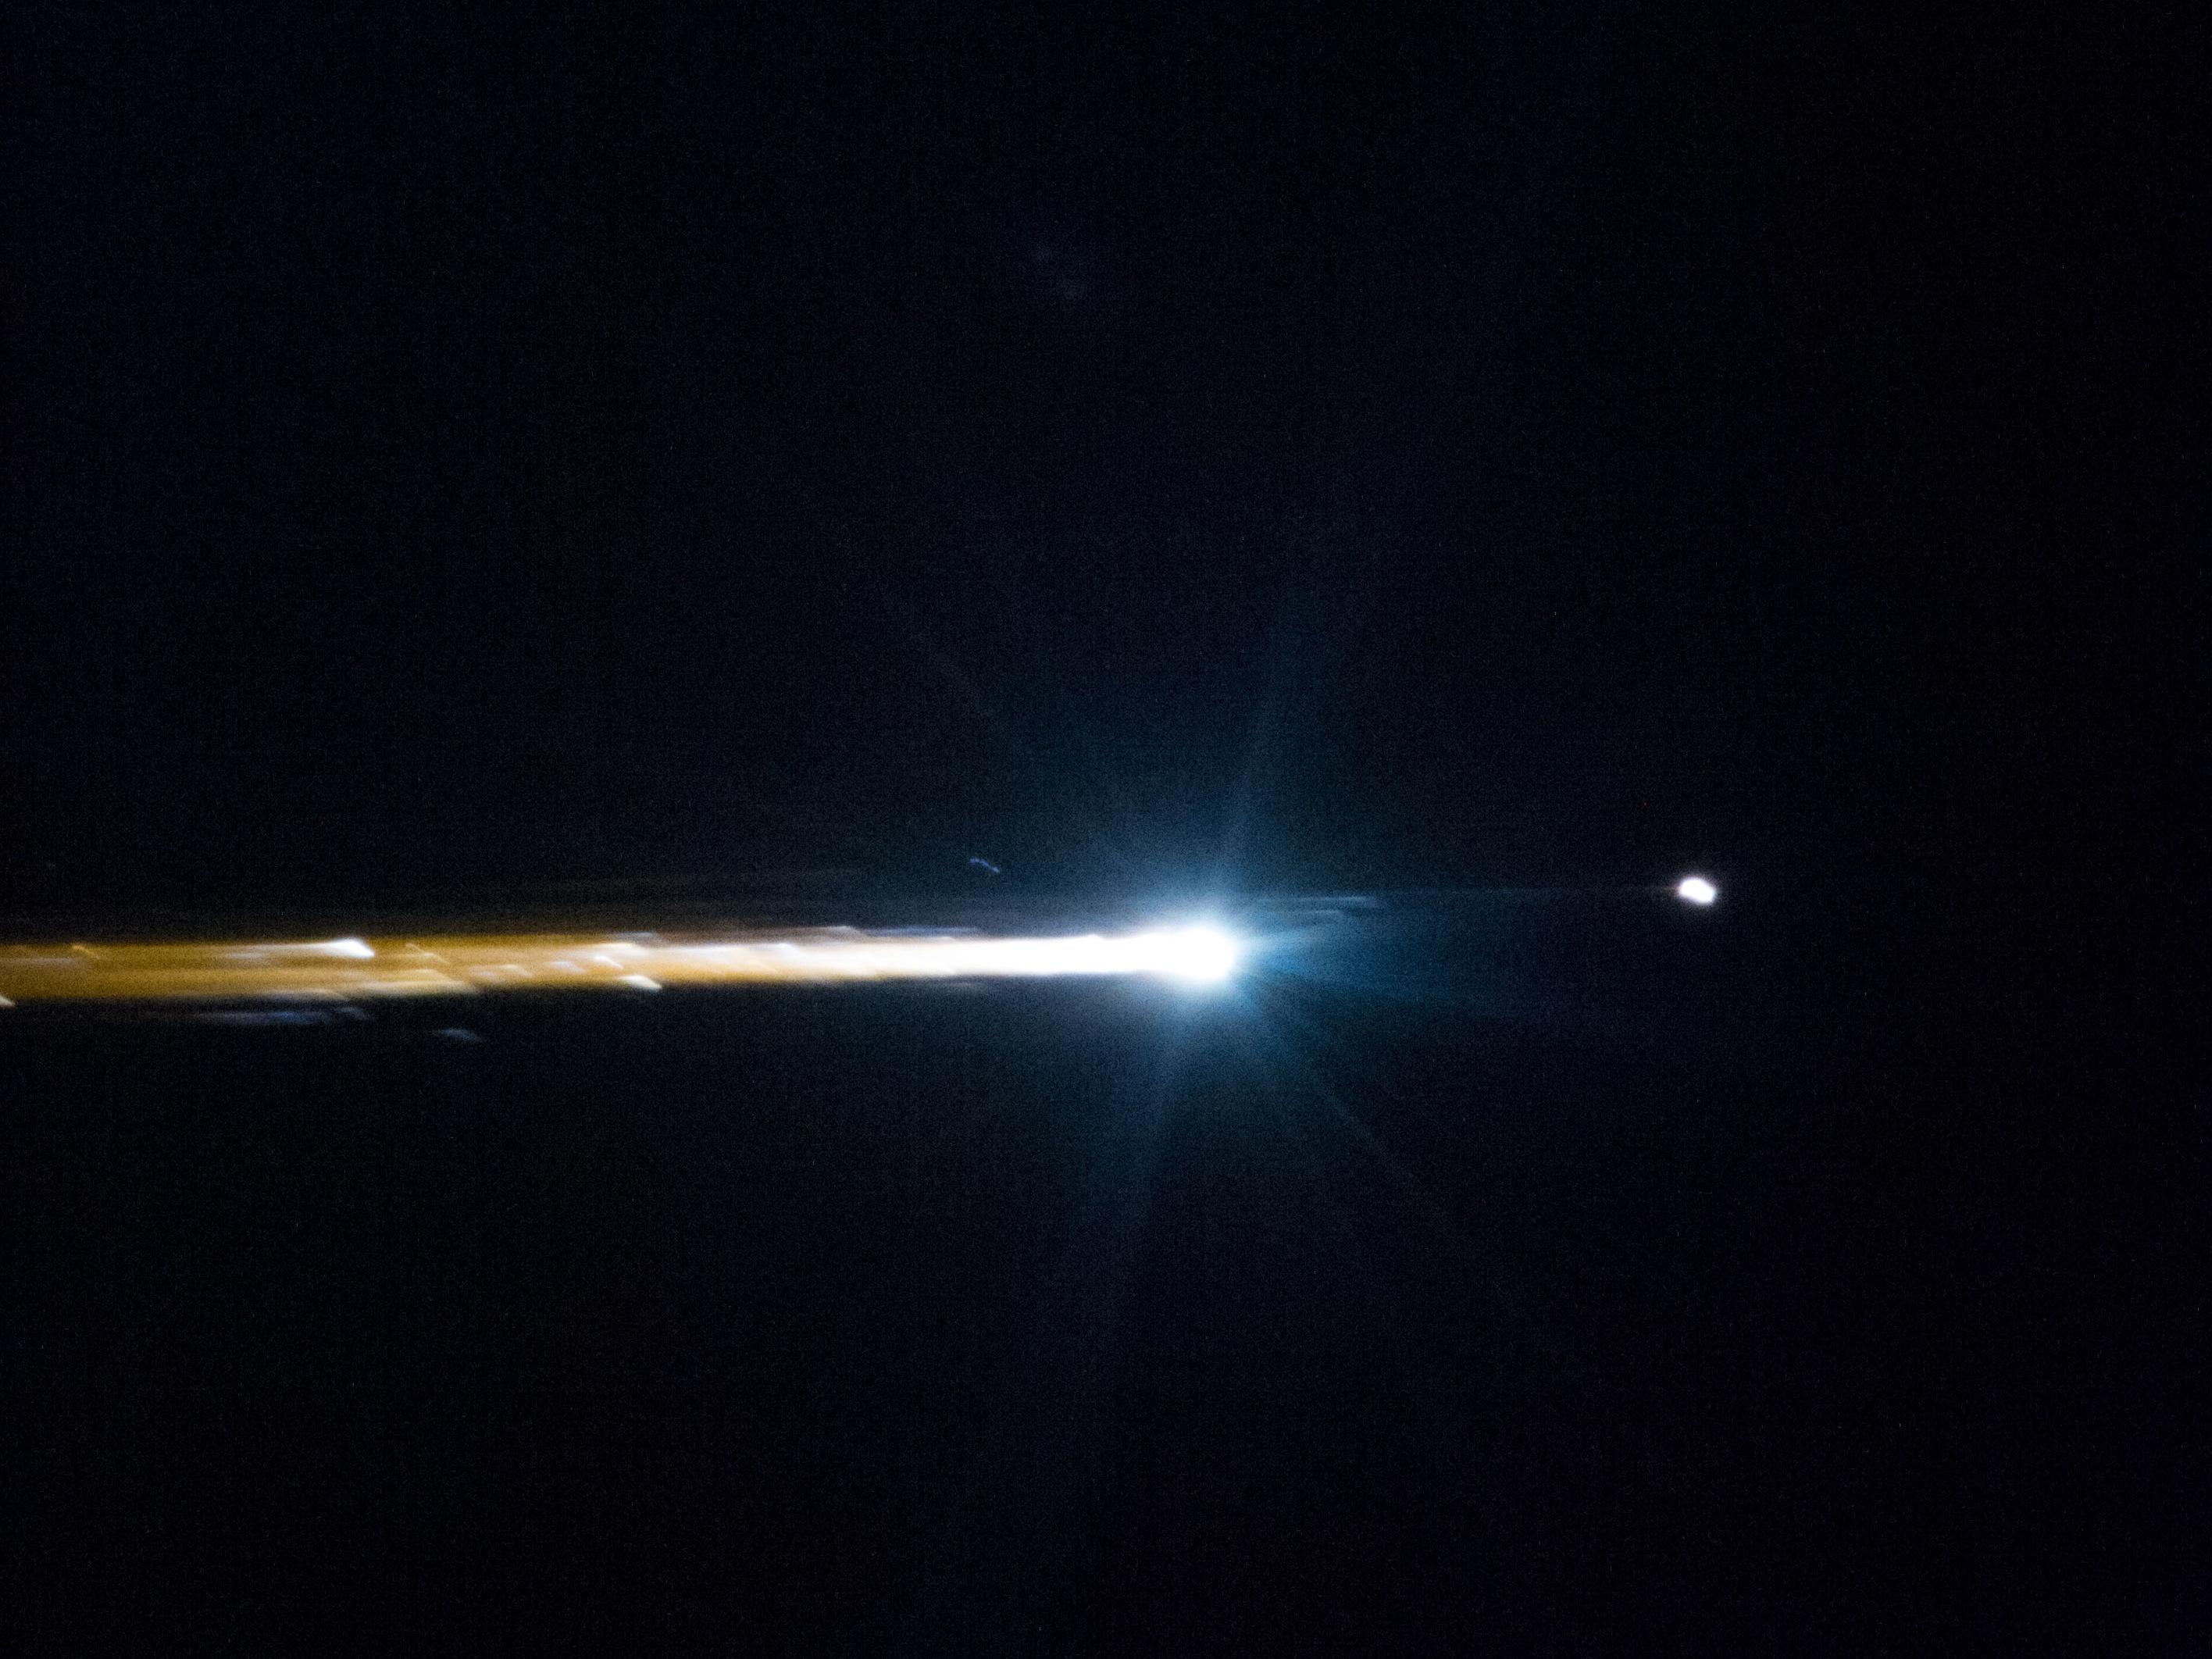 Soyuz Re-Entry | NASA